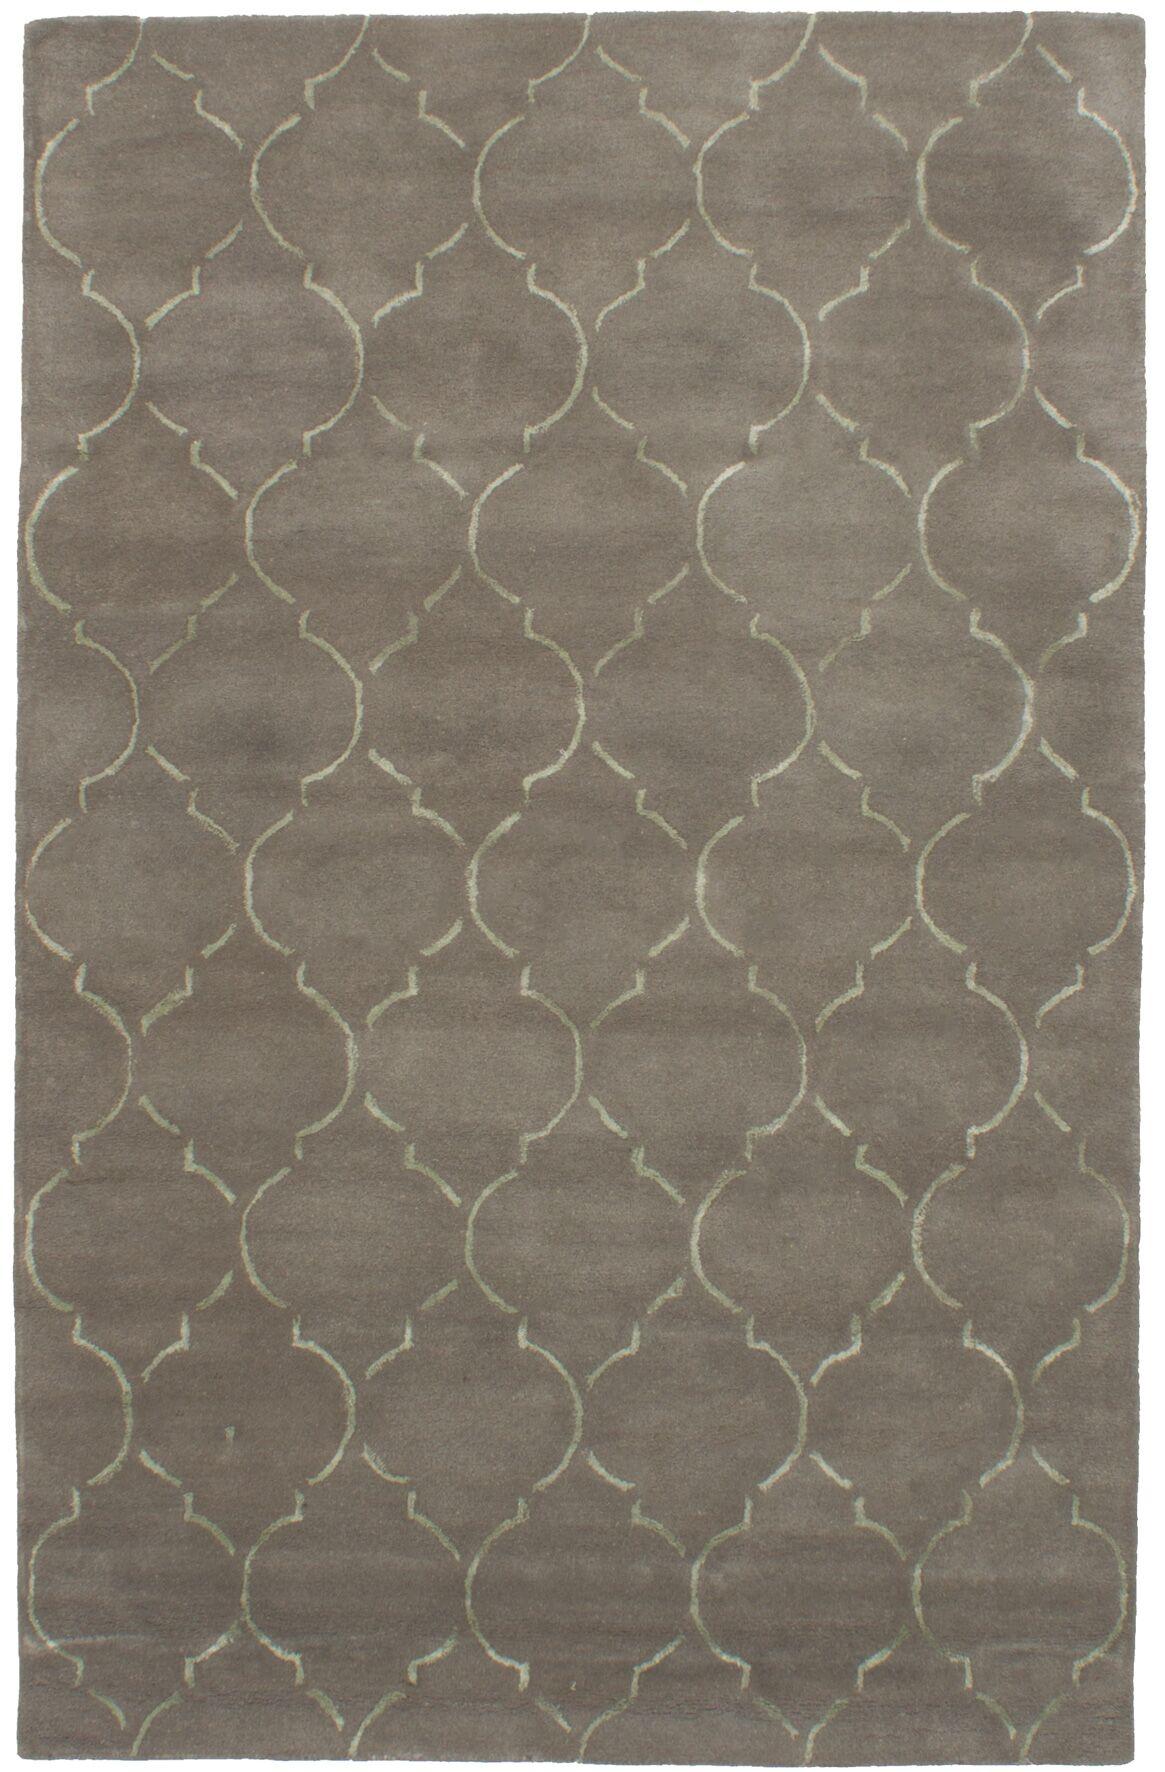 Hartland Hand-Tufted Wool/Silk Gray Area Rug